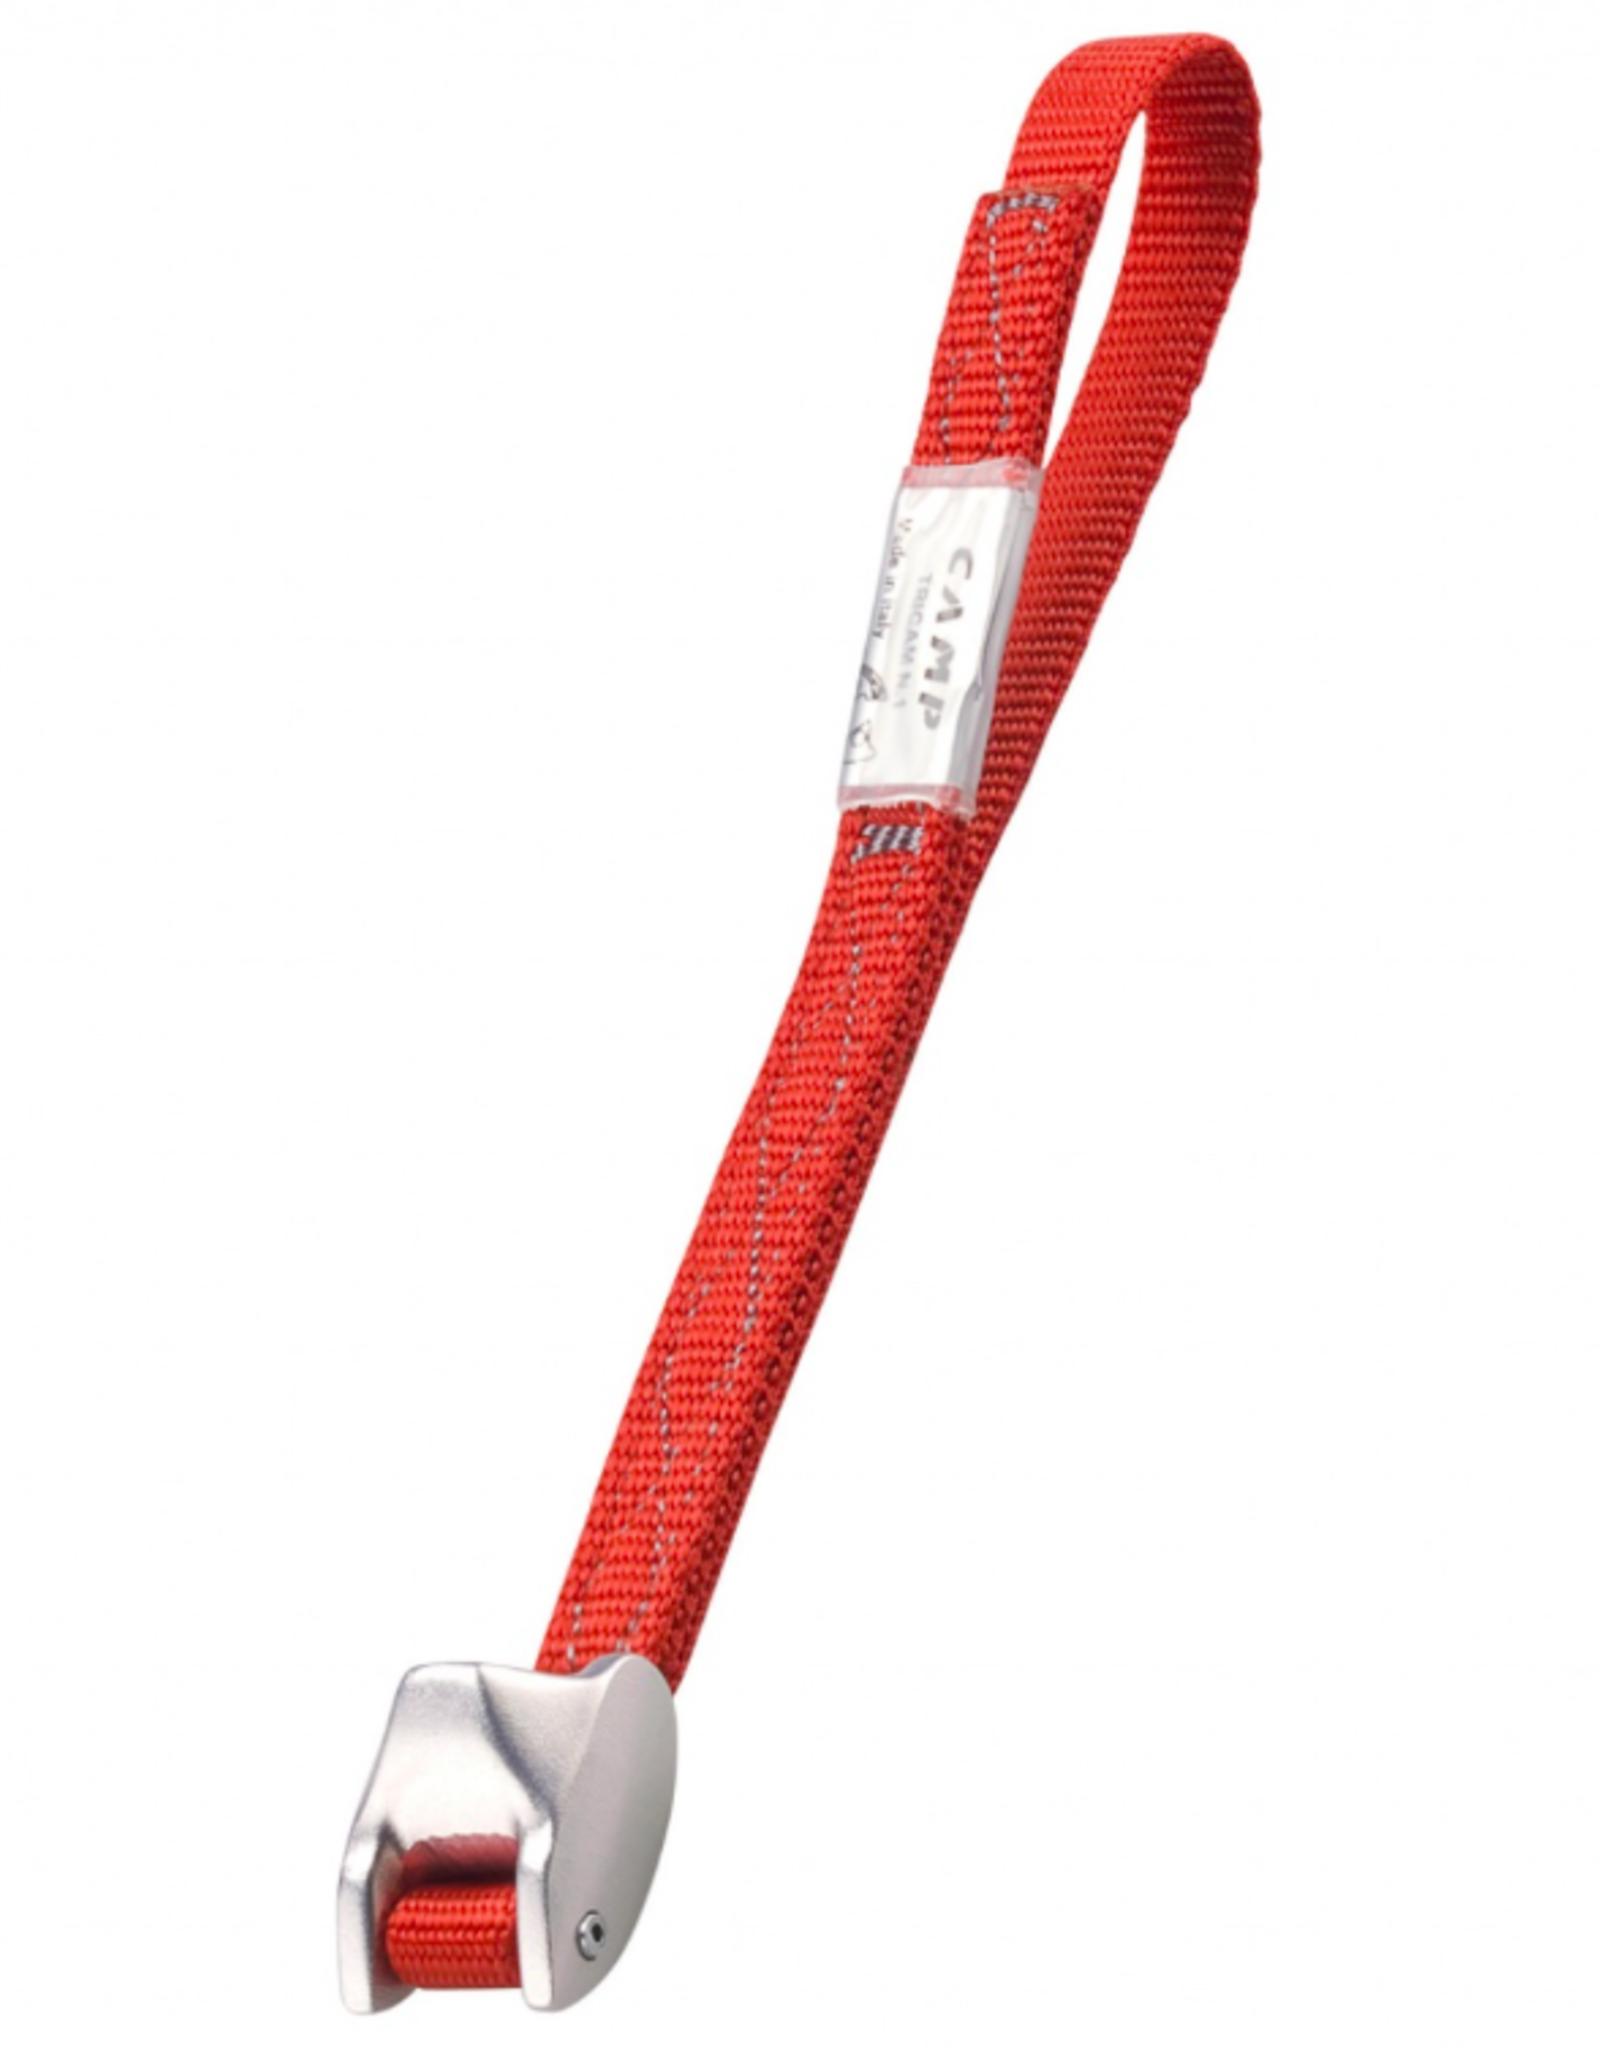 CAMP Tricam EVO 1.0 Red